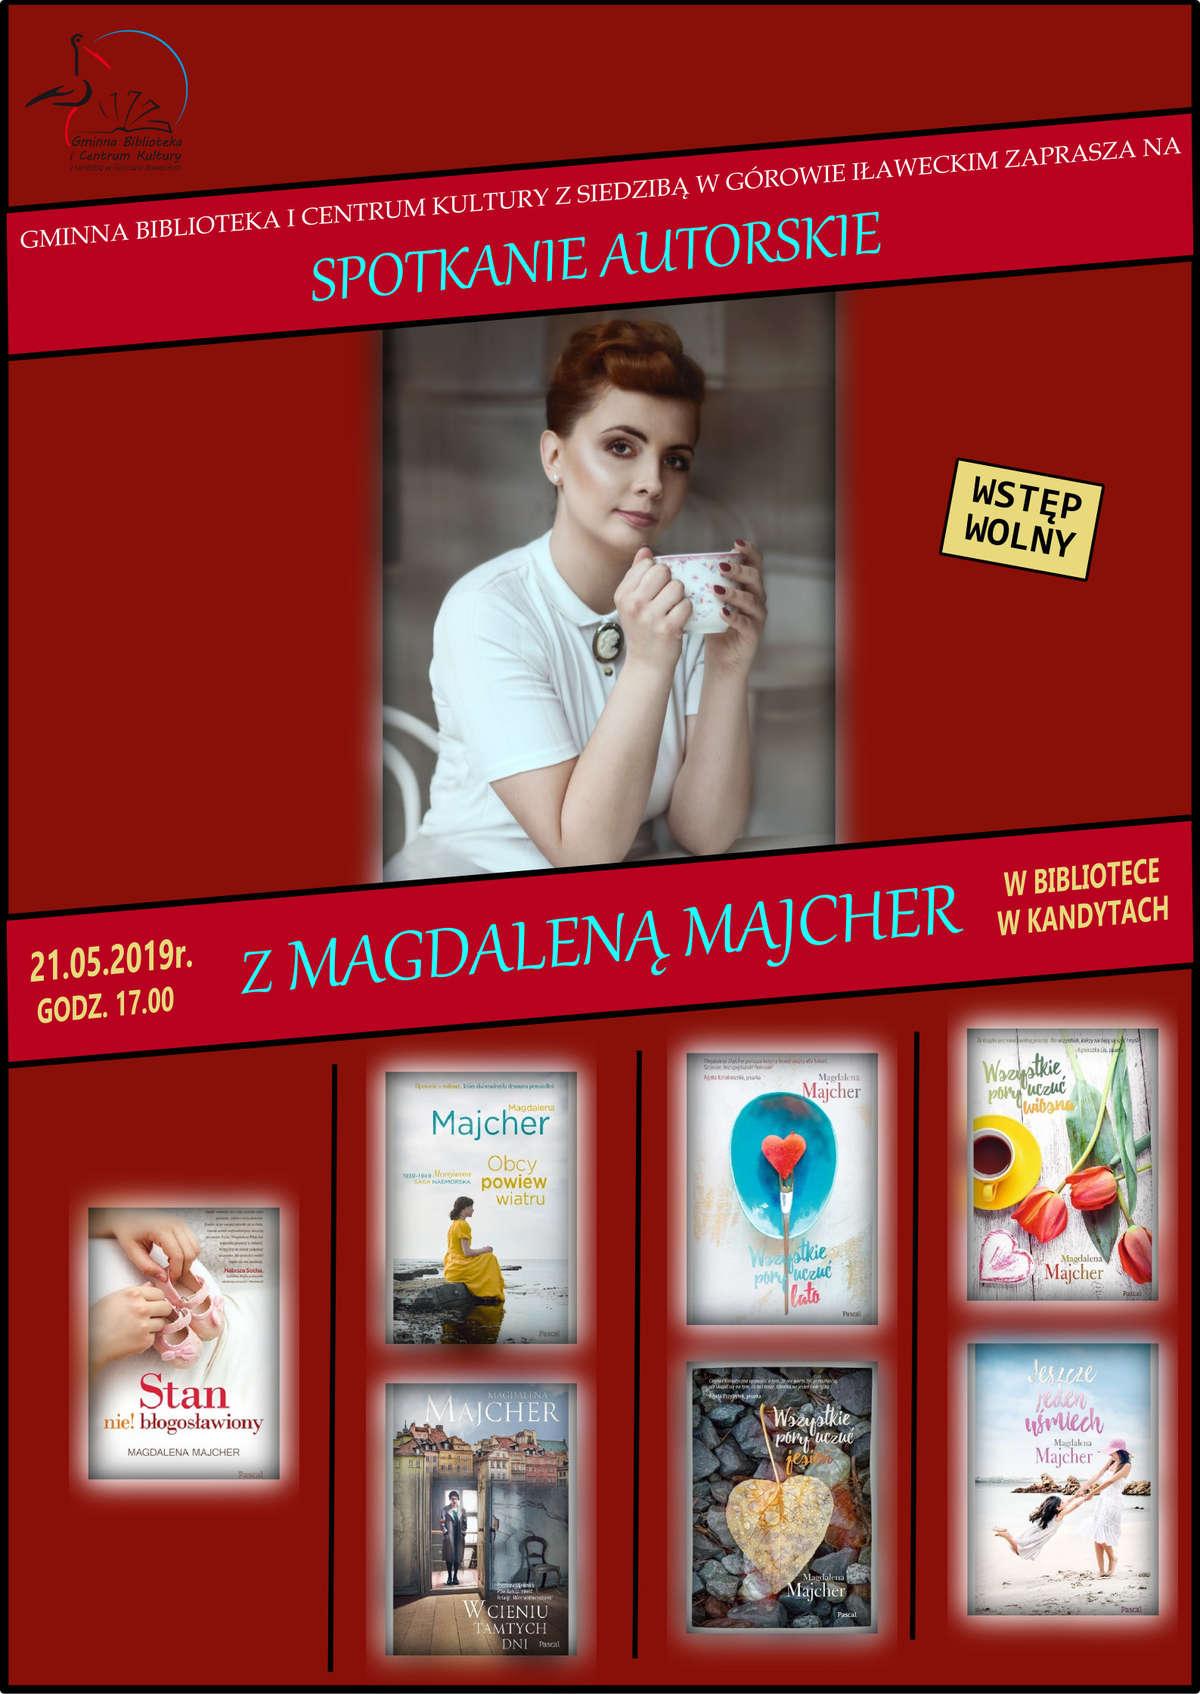 Spotkanie autorskie z Magdaleną Majcher - full image